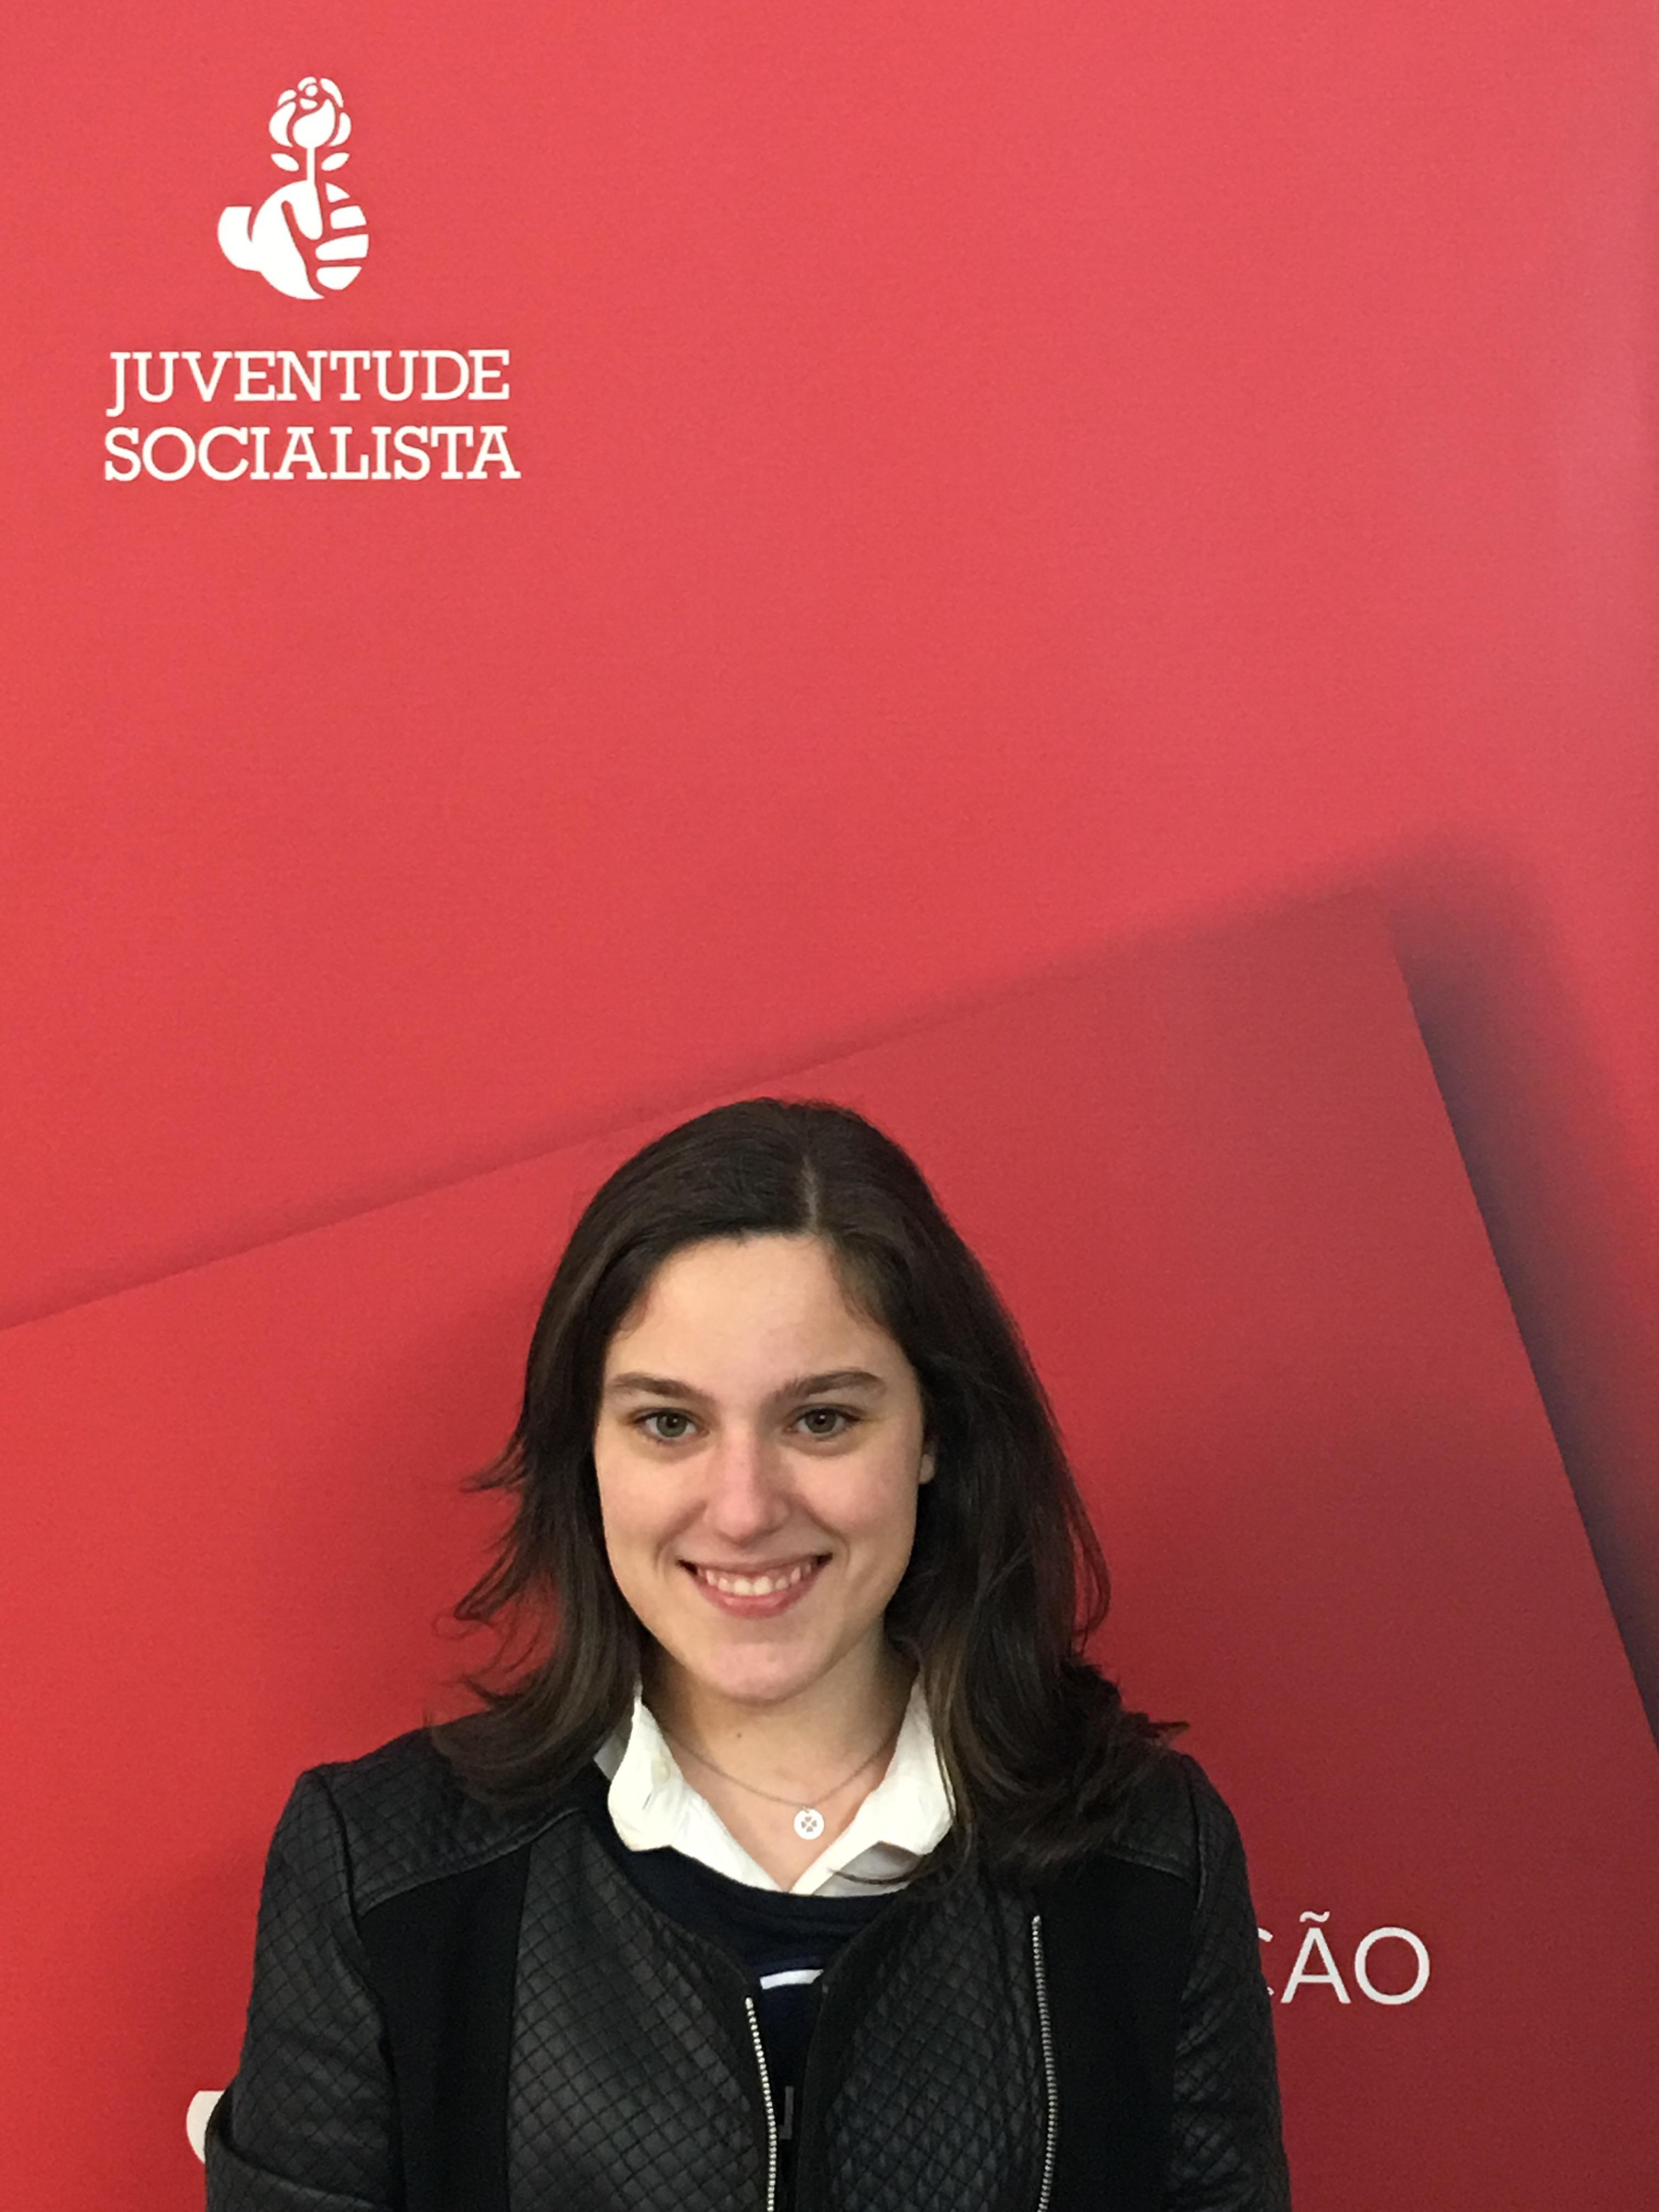 Joana Lopes 01